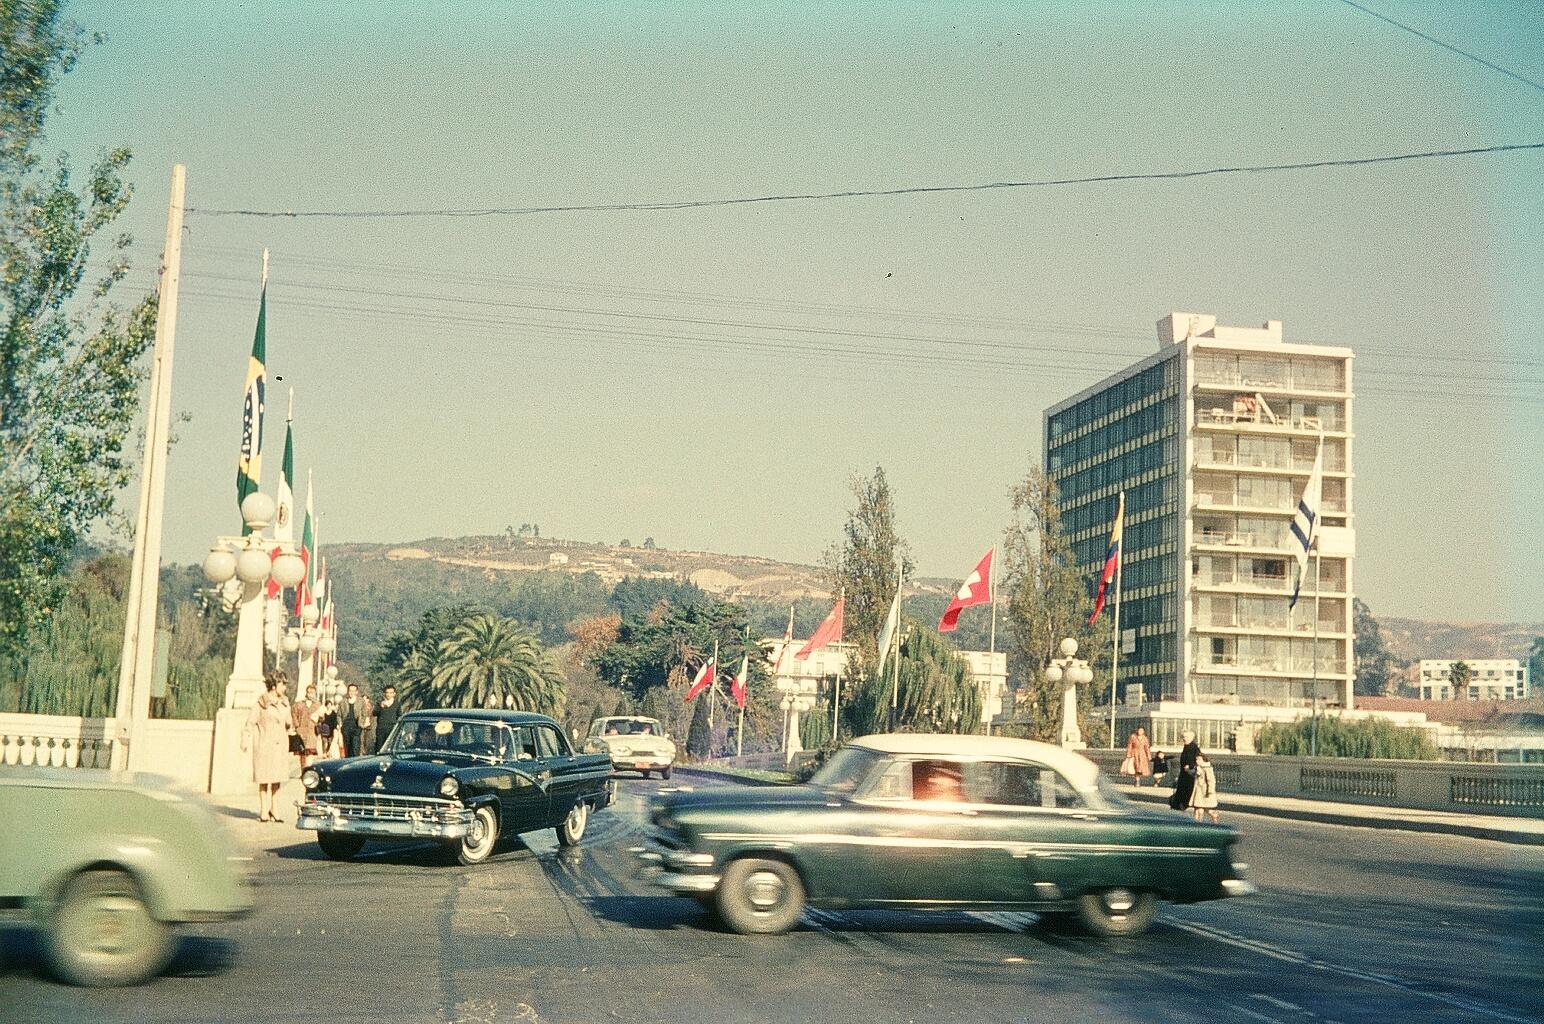 Enterreno - Fotos históricas de chile - fotos antiguas de Chile - Puente Libertad de Viña del Mar, 1962